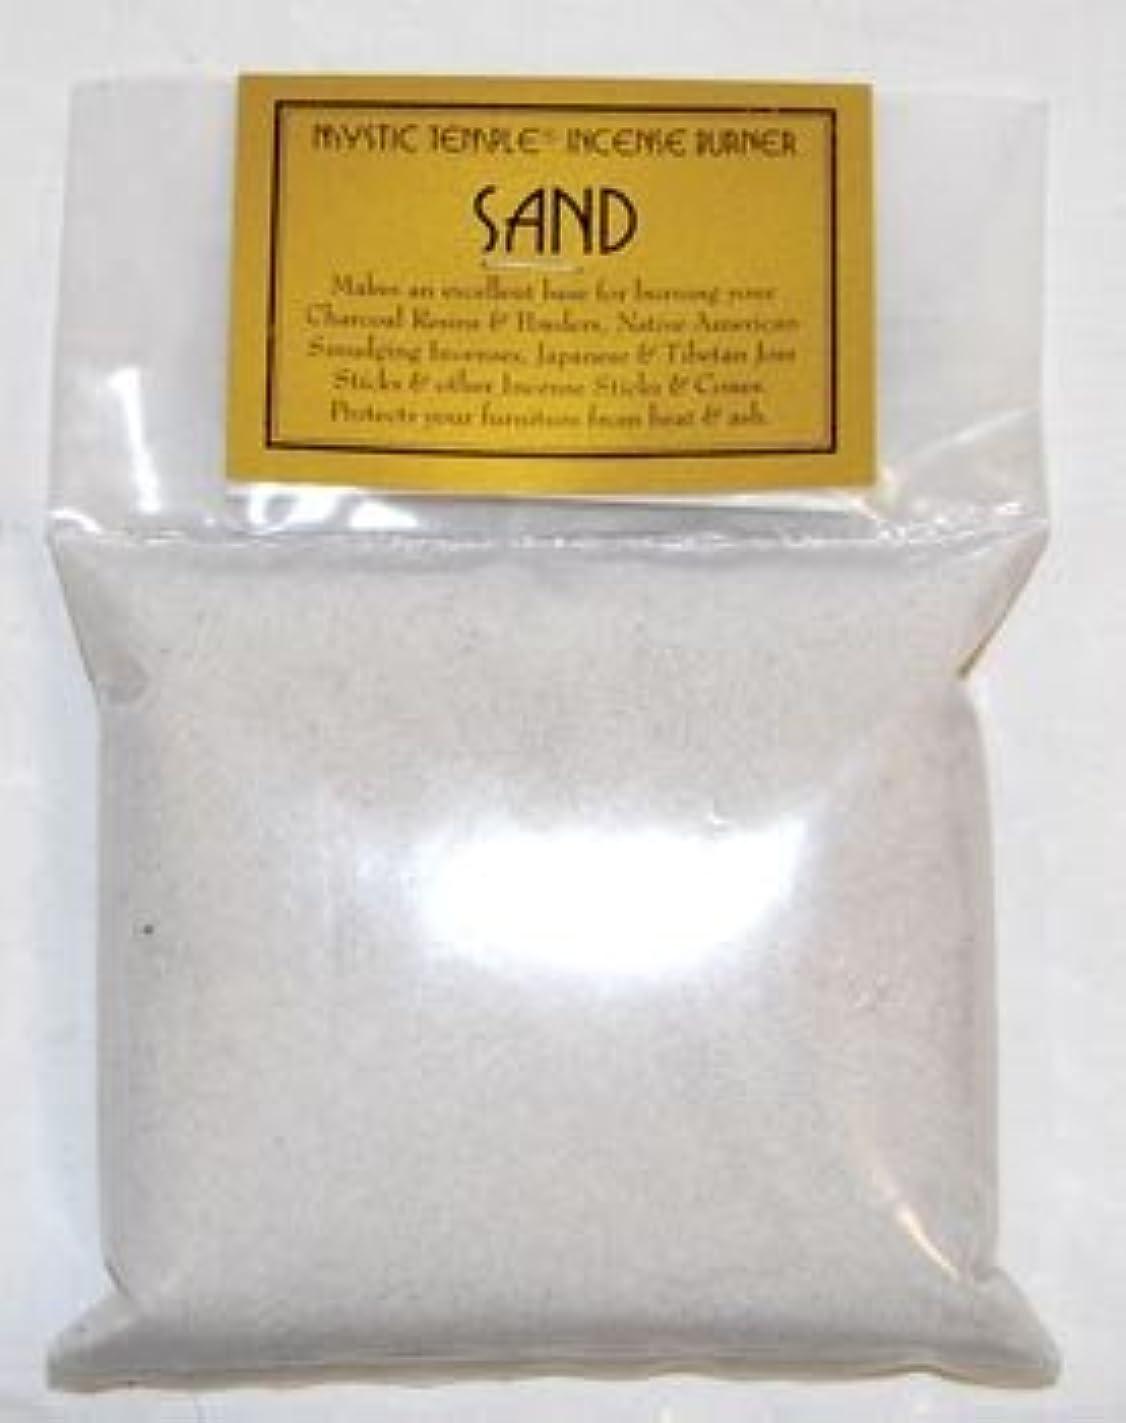 手入れ召集する裸新しい1lbホワイト香炉砂( Incense Burners、チャコール、アクセサリー